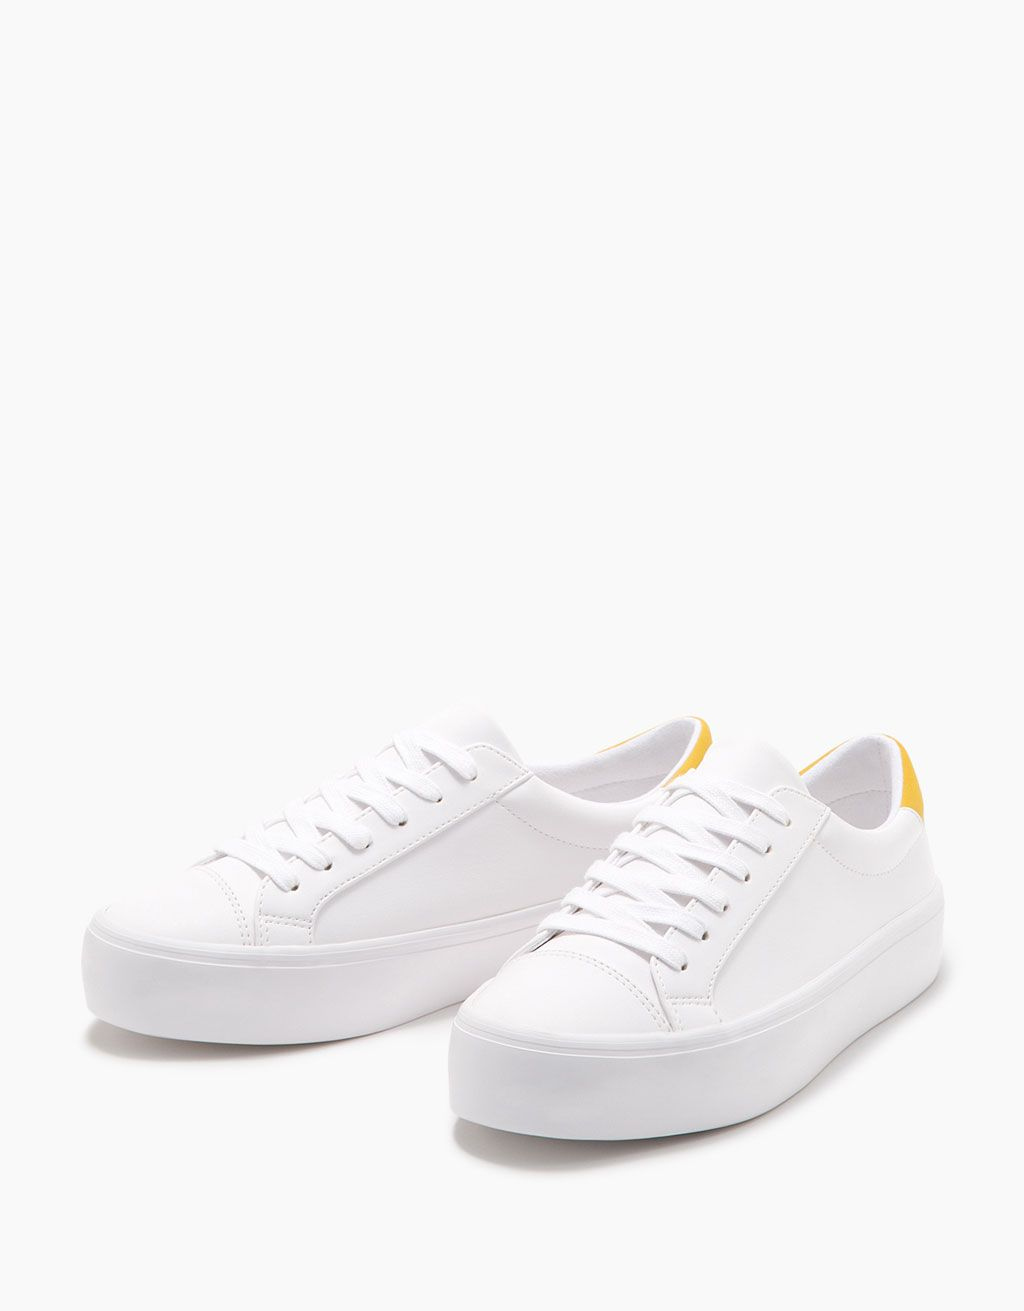 zapatos mujer adidas blanco